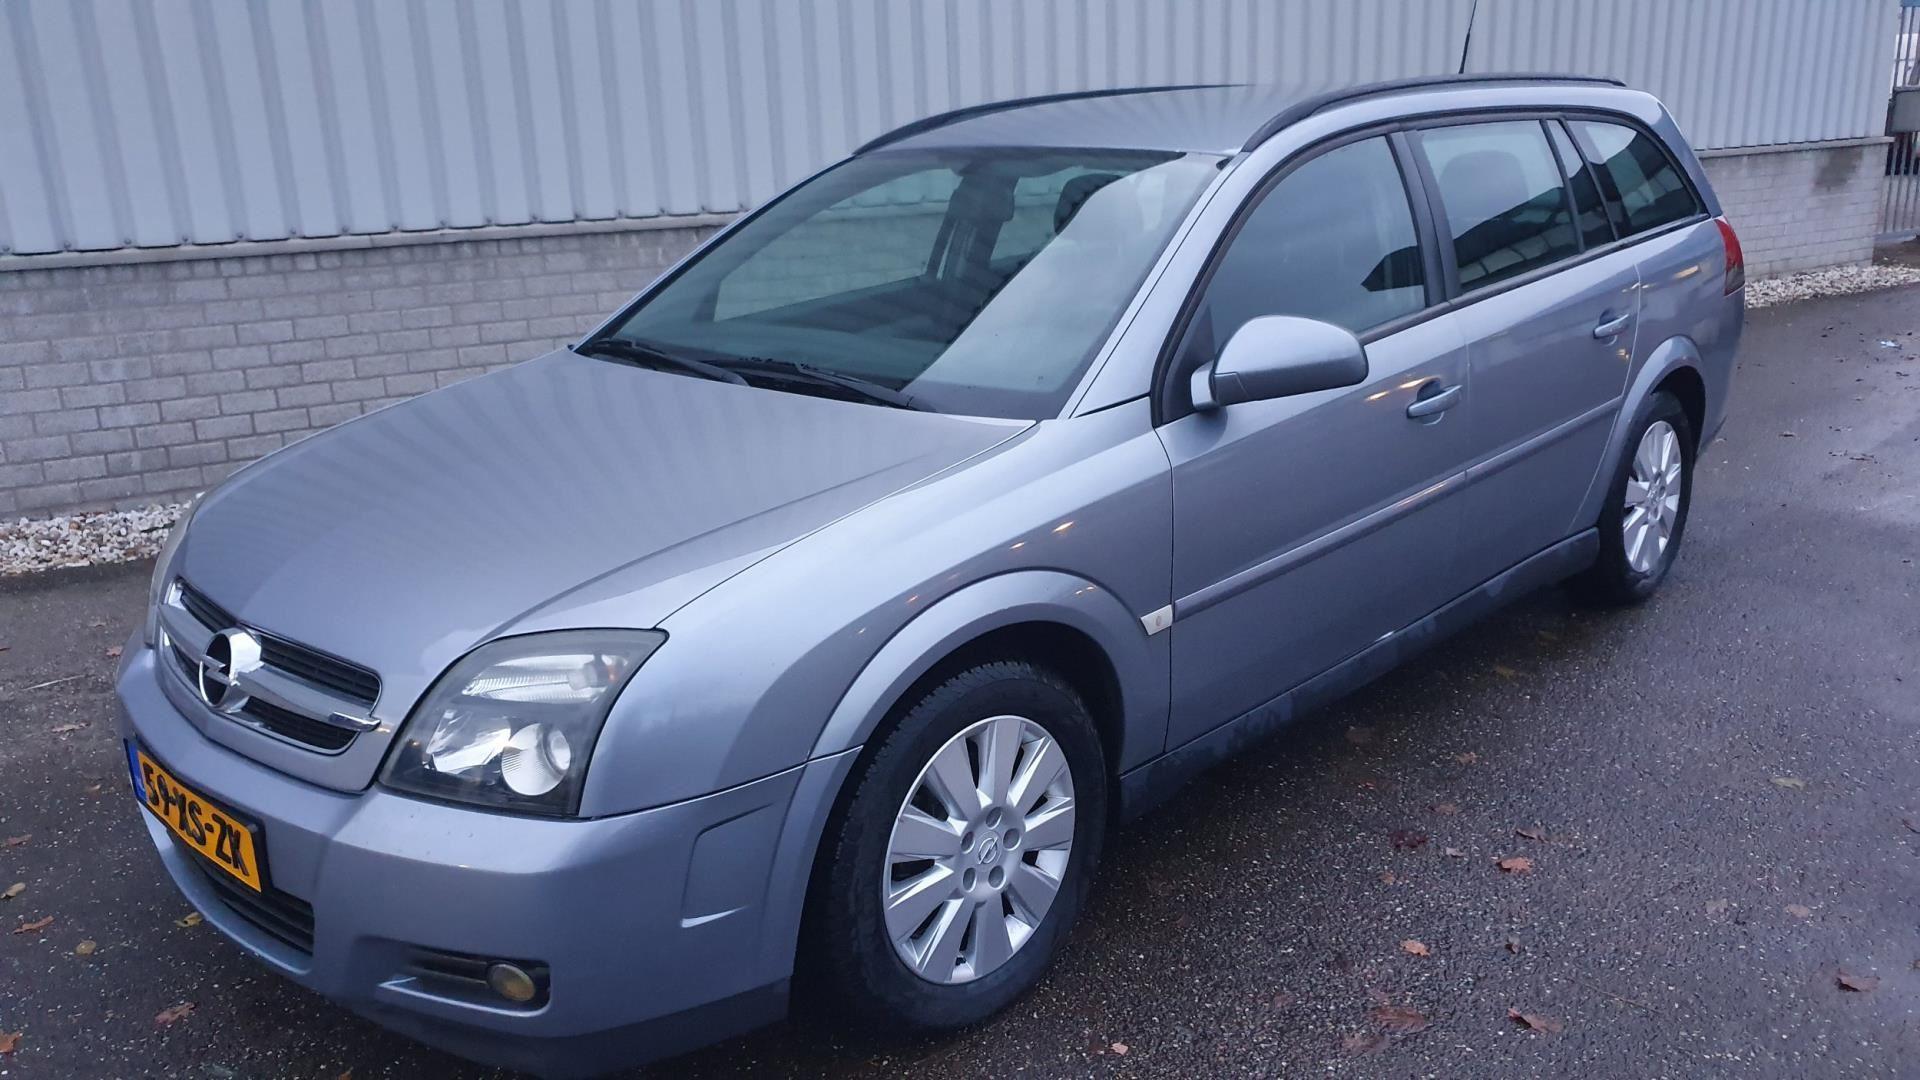 Opel Vectra Wagon occasion - Terborg Auto's